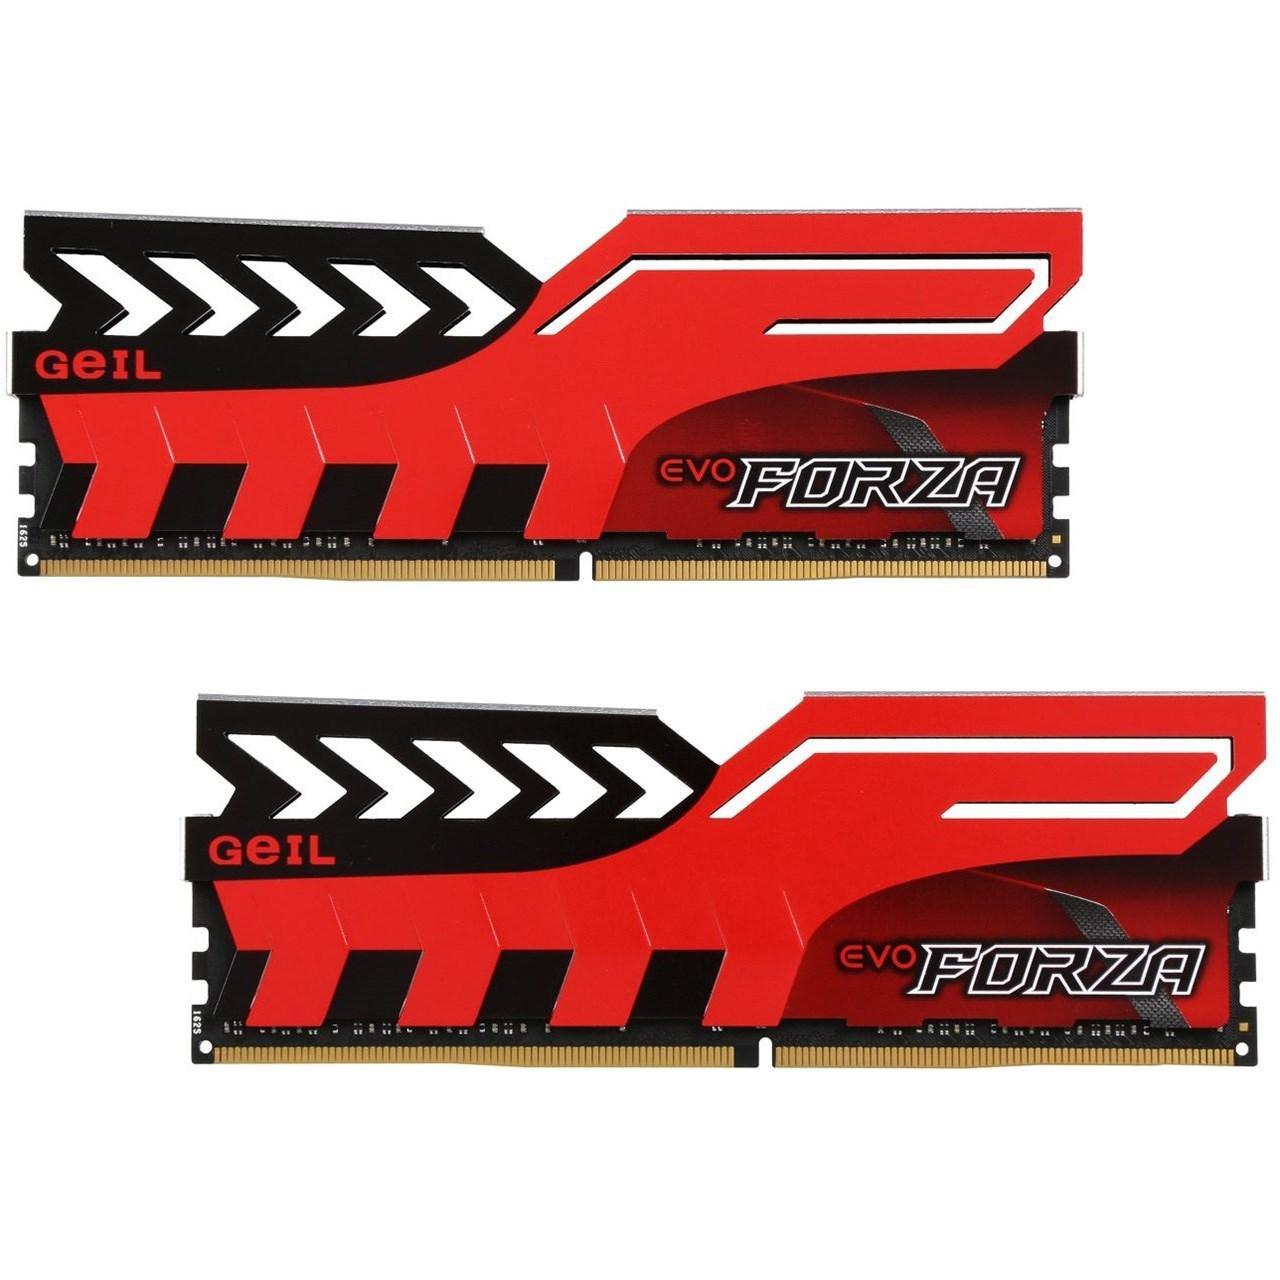 رم دسکتاپ DDR4 دو کاناله 2400 مگاهرتز CL17 گیل مدل Evo Forza ظرفیت 16 گیگابایت